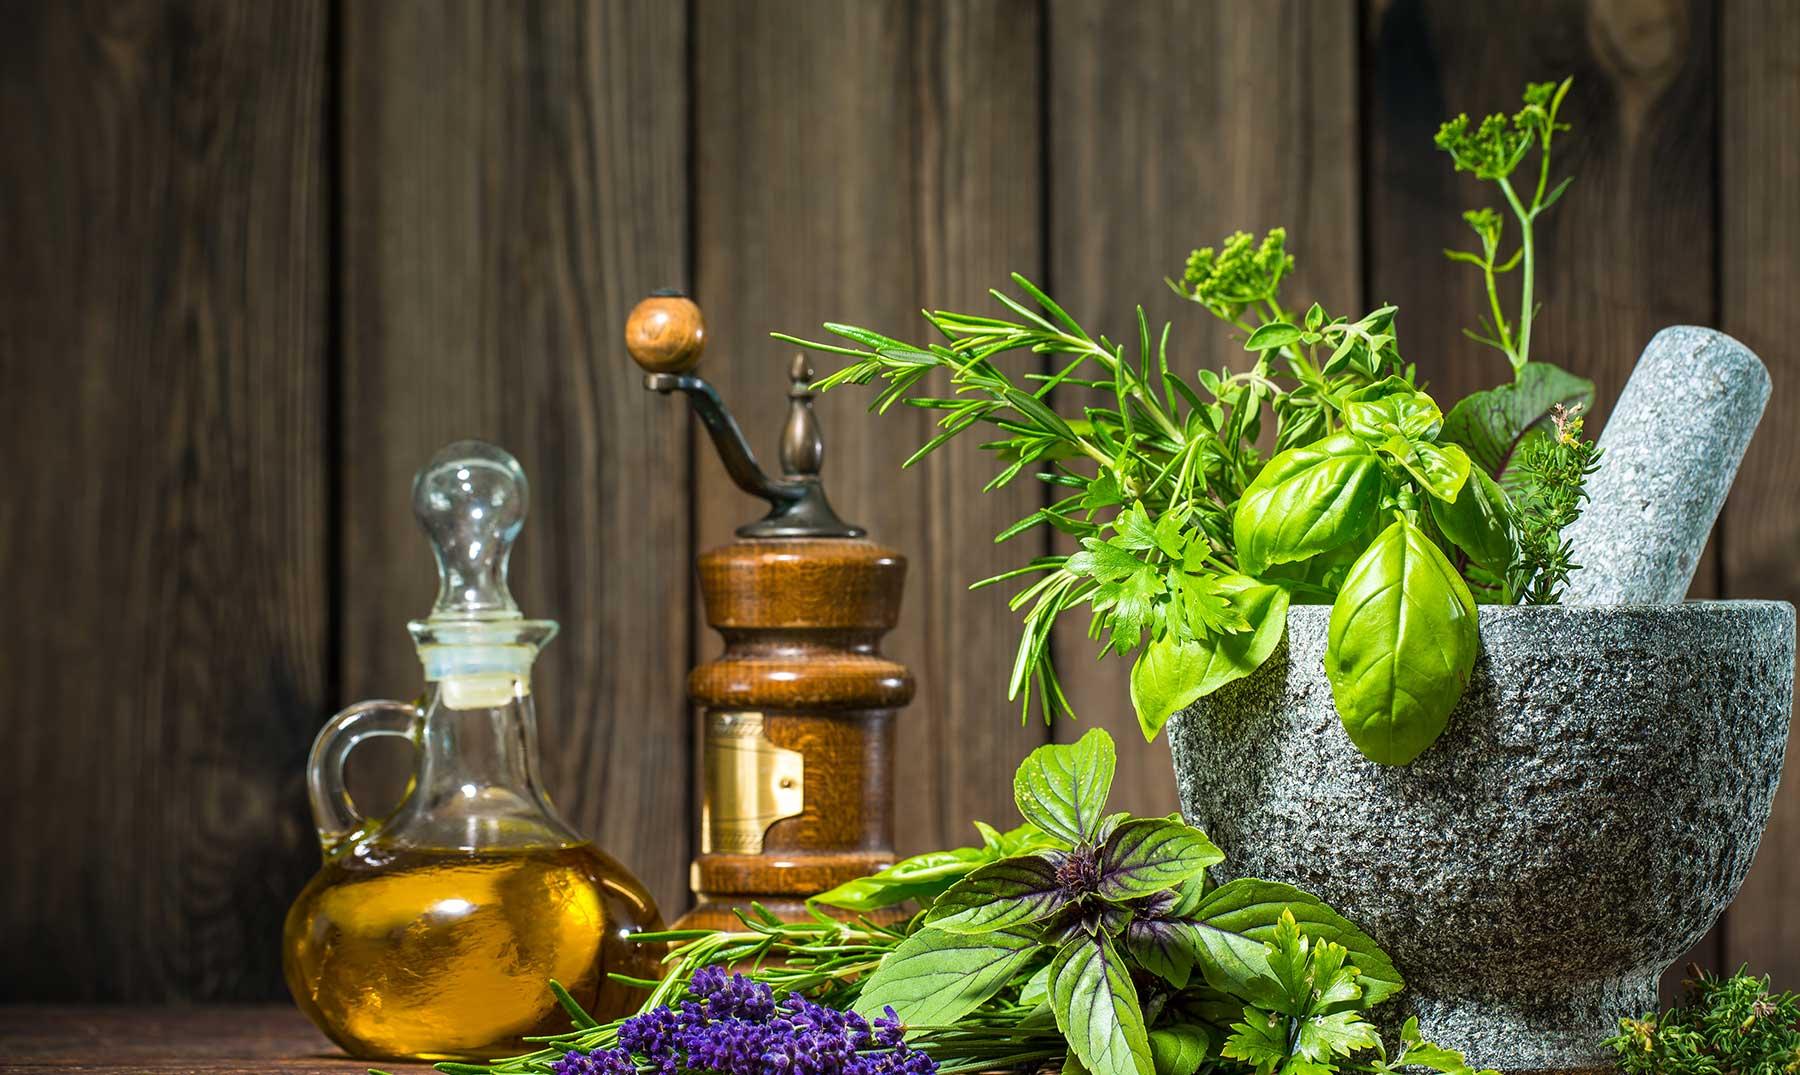 Únete a la supertendencia: cocina ecológica